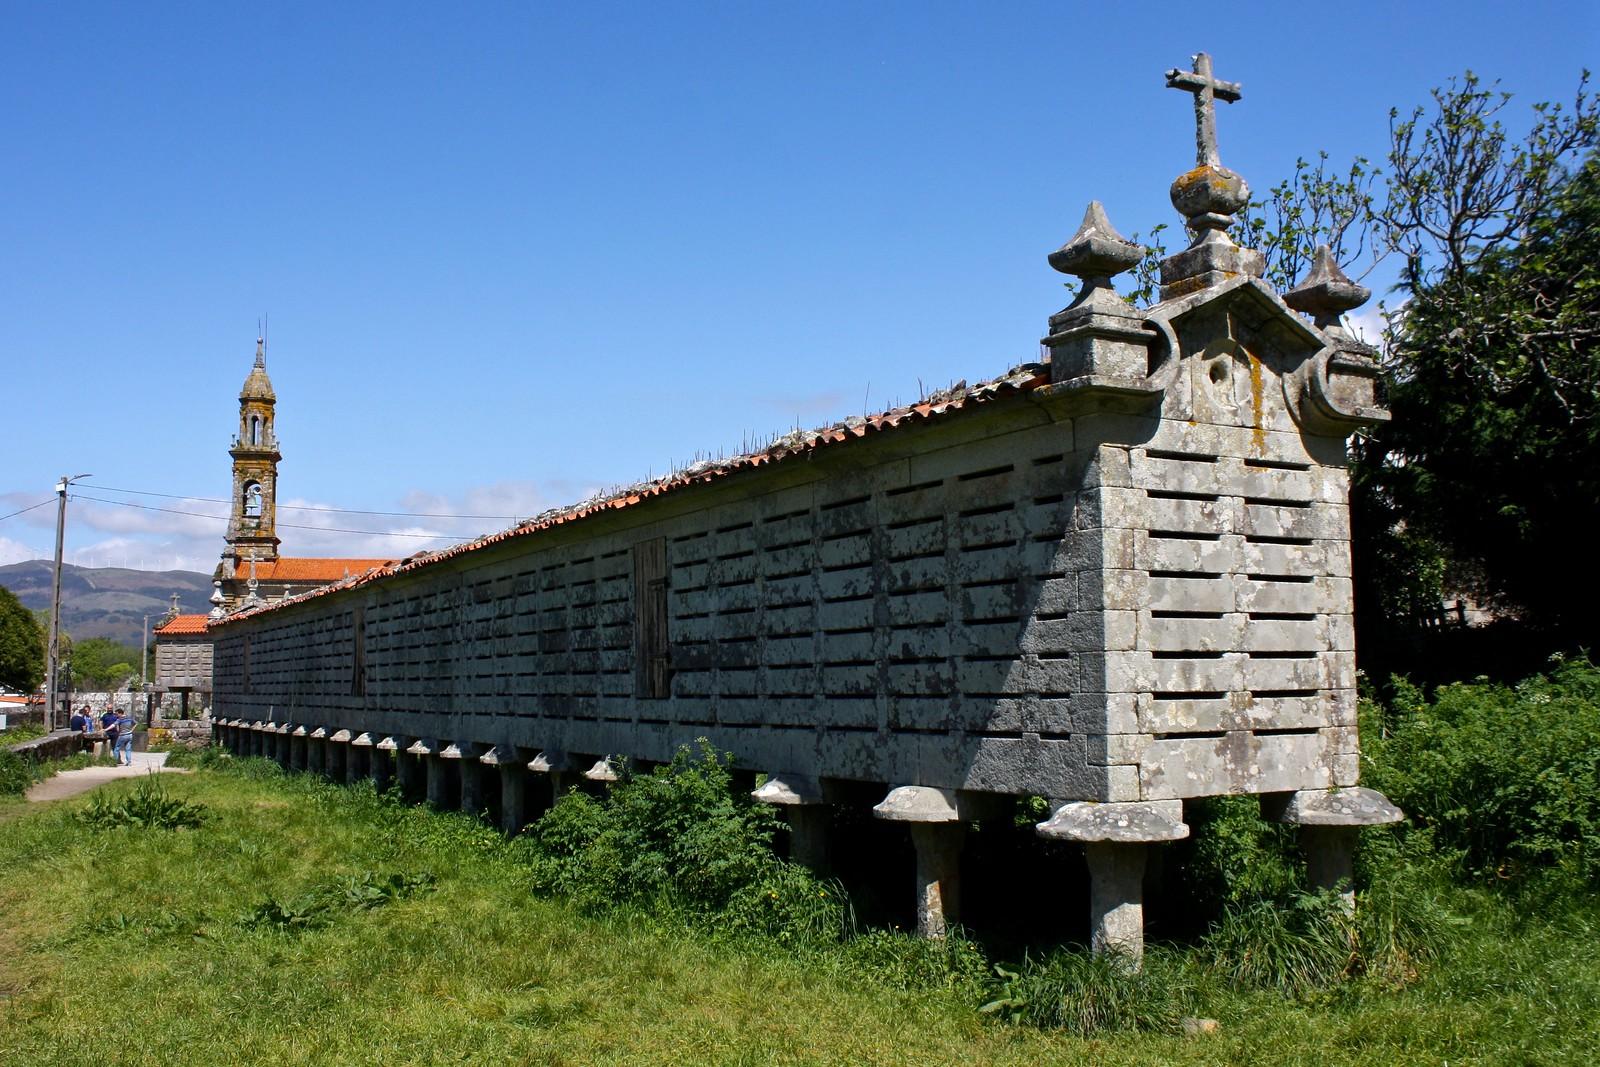 Carnota, Spain